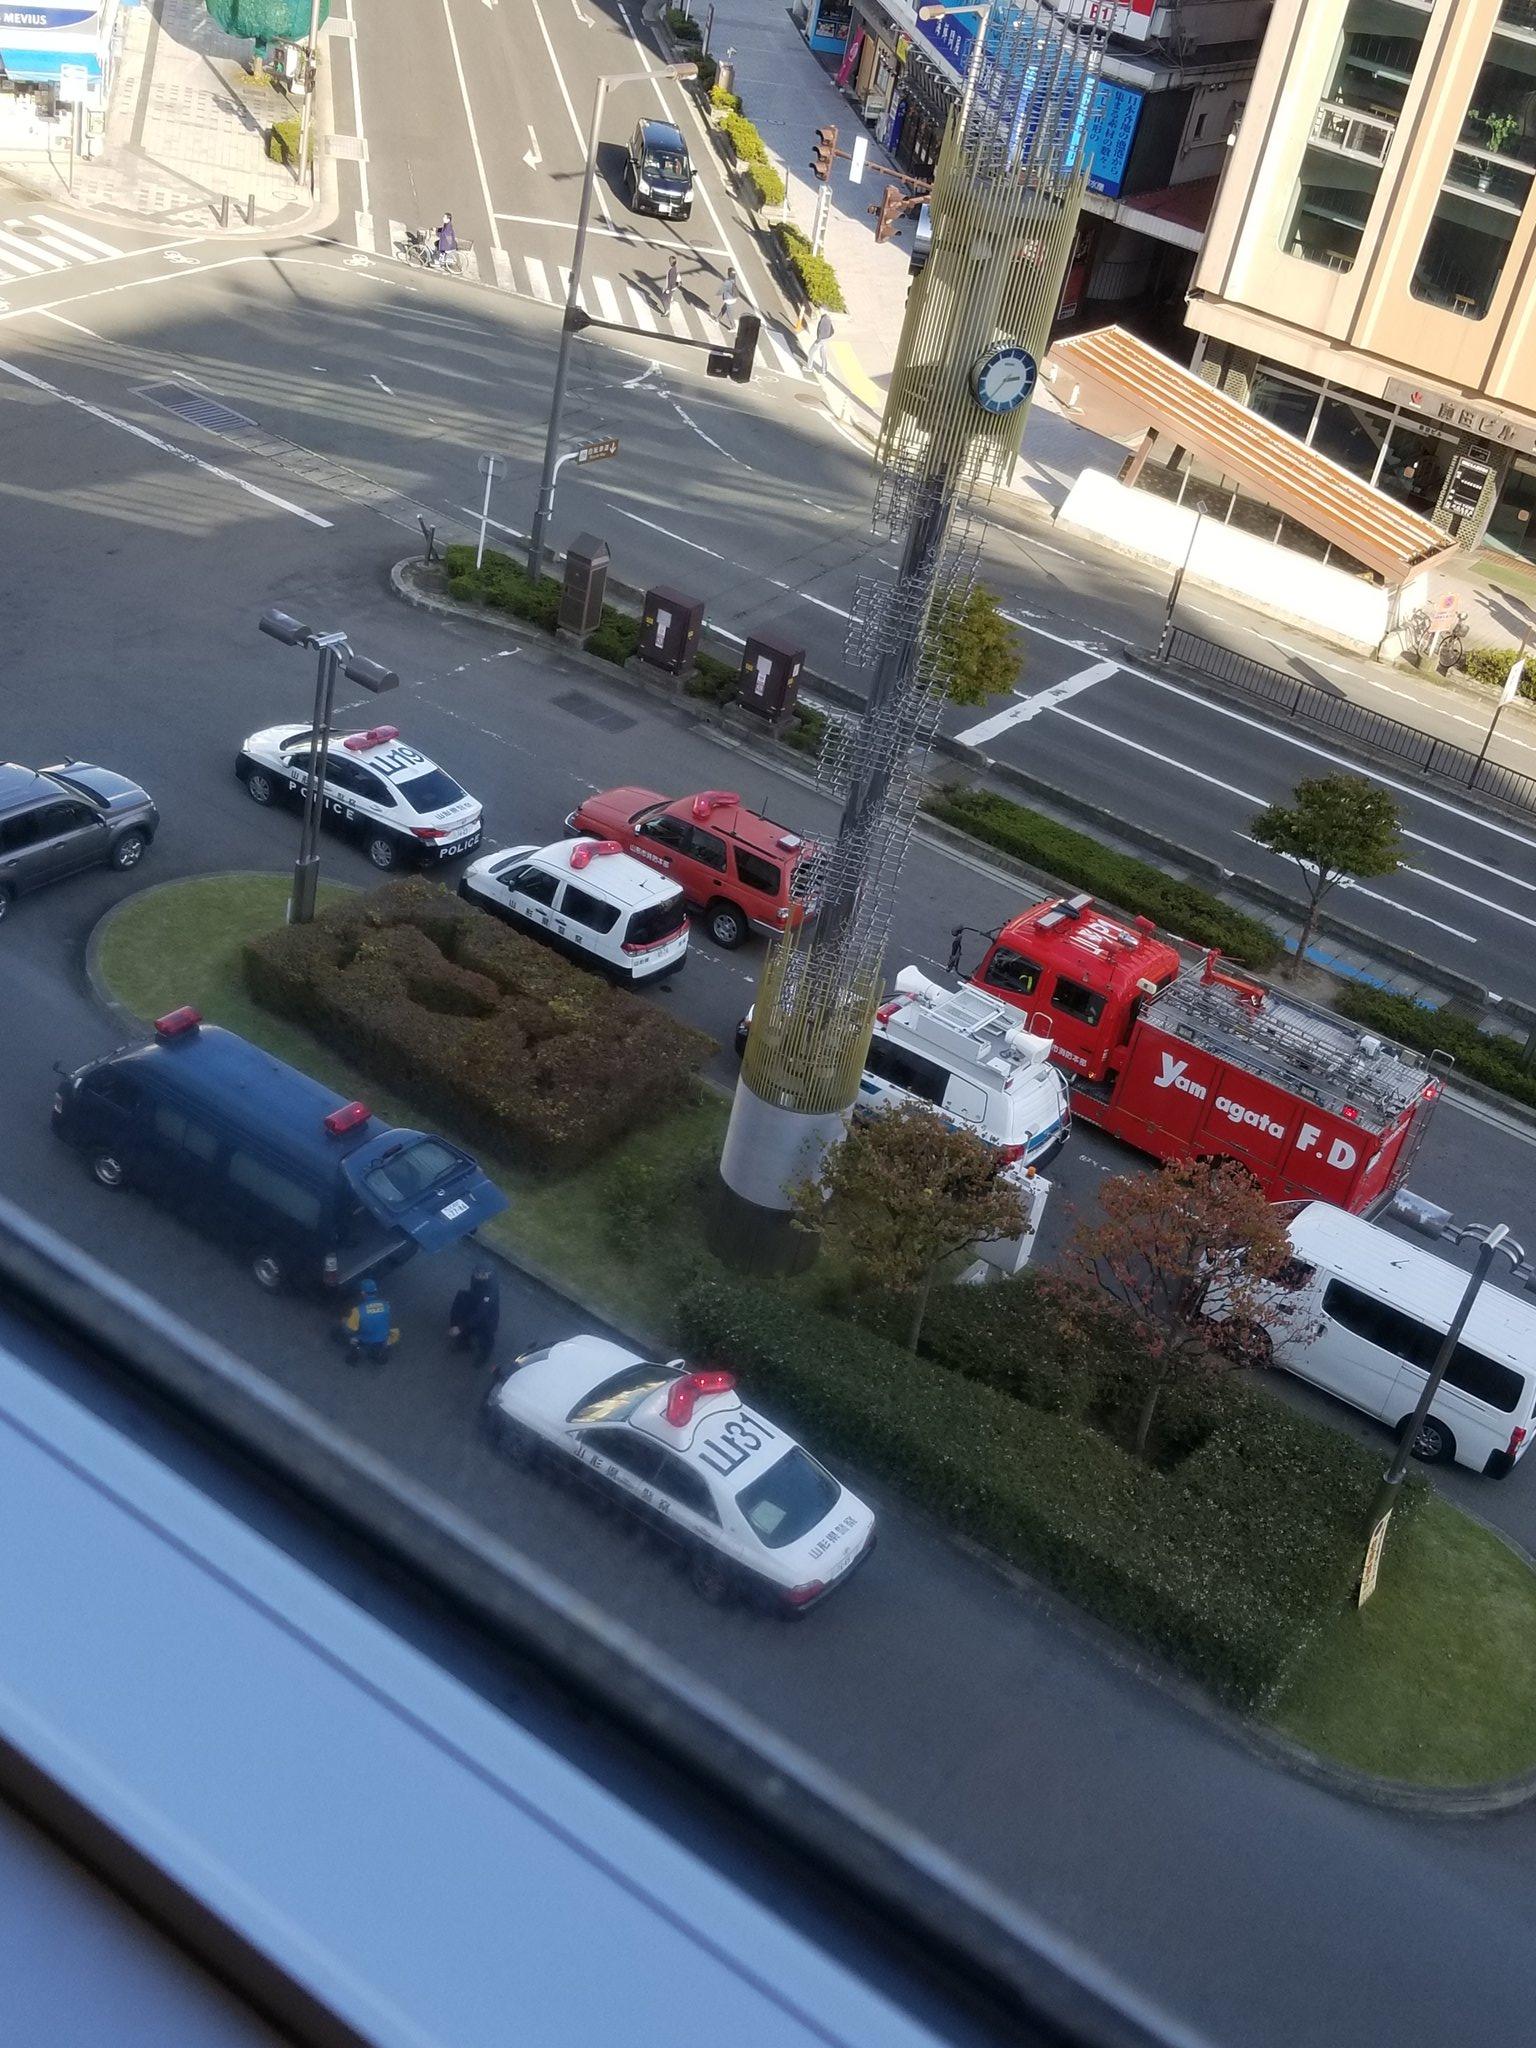 山形駅エスパルの不審物騒ぎで緊急車両が集結している現場画像